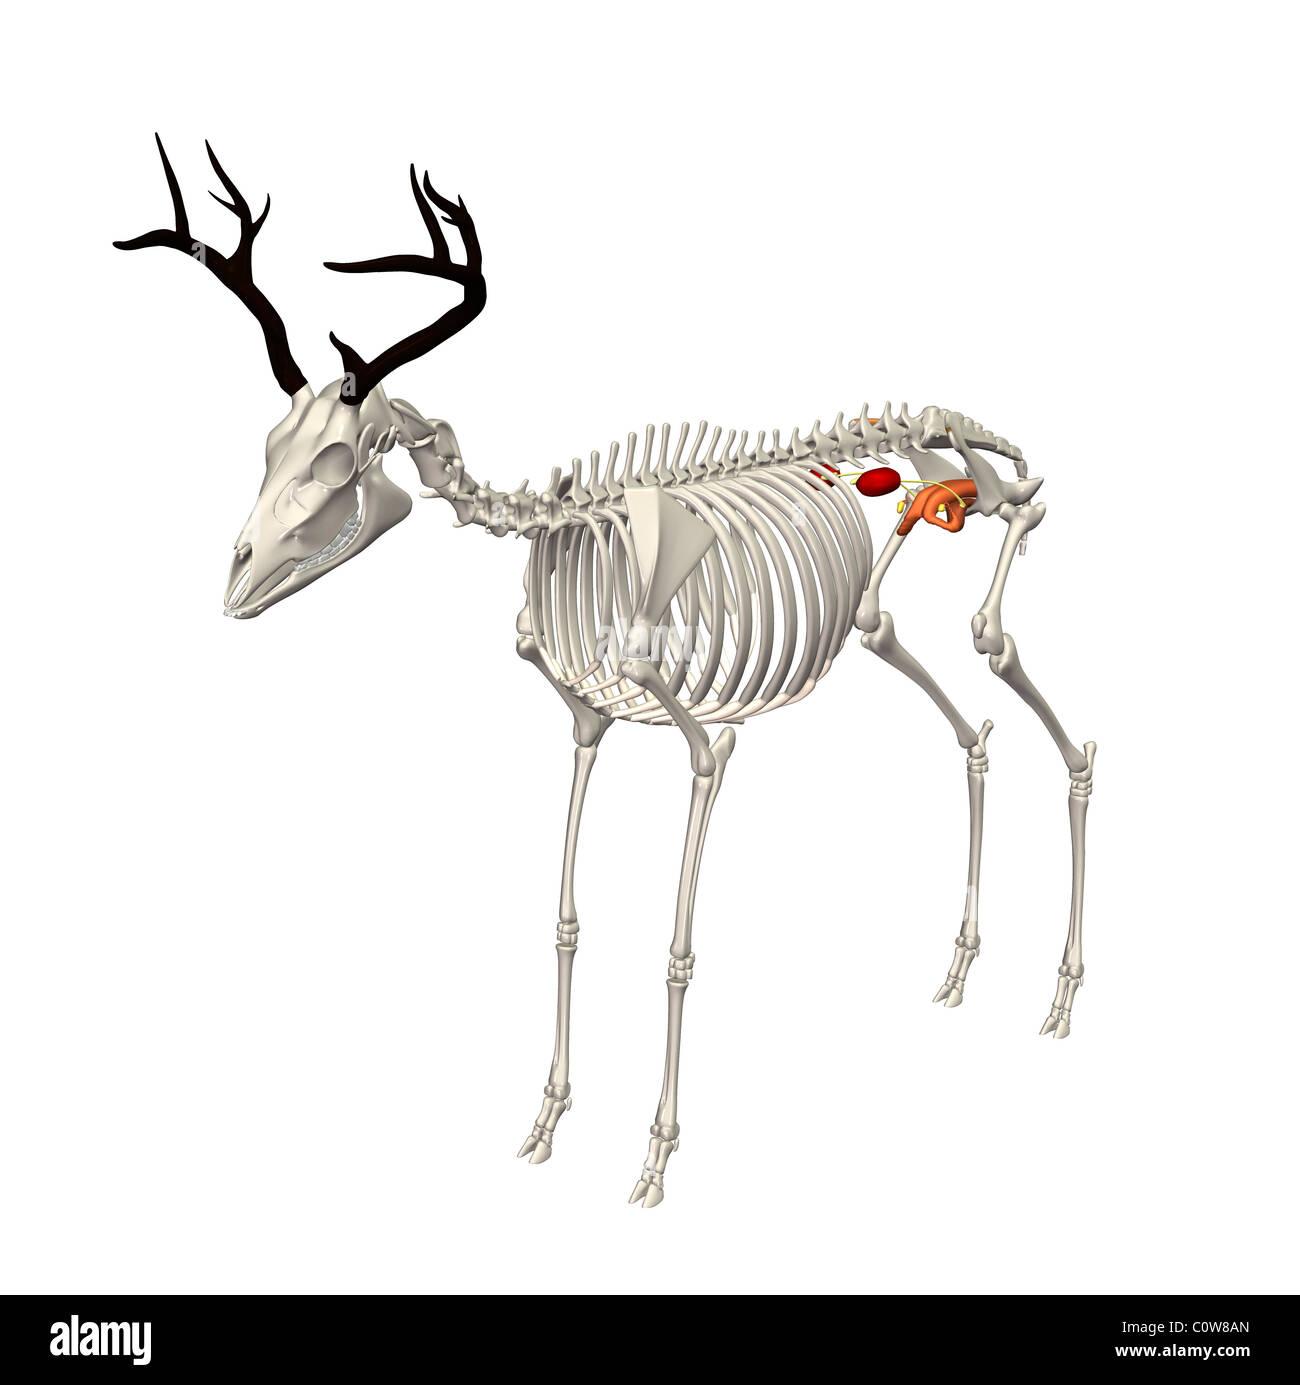 Animals Bones Antlers Imágenes De Stock & Animals Bones Antlers ...